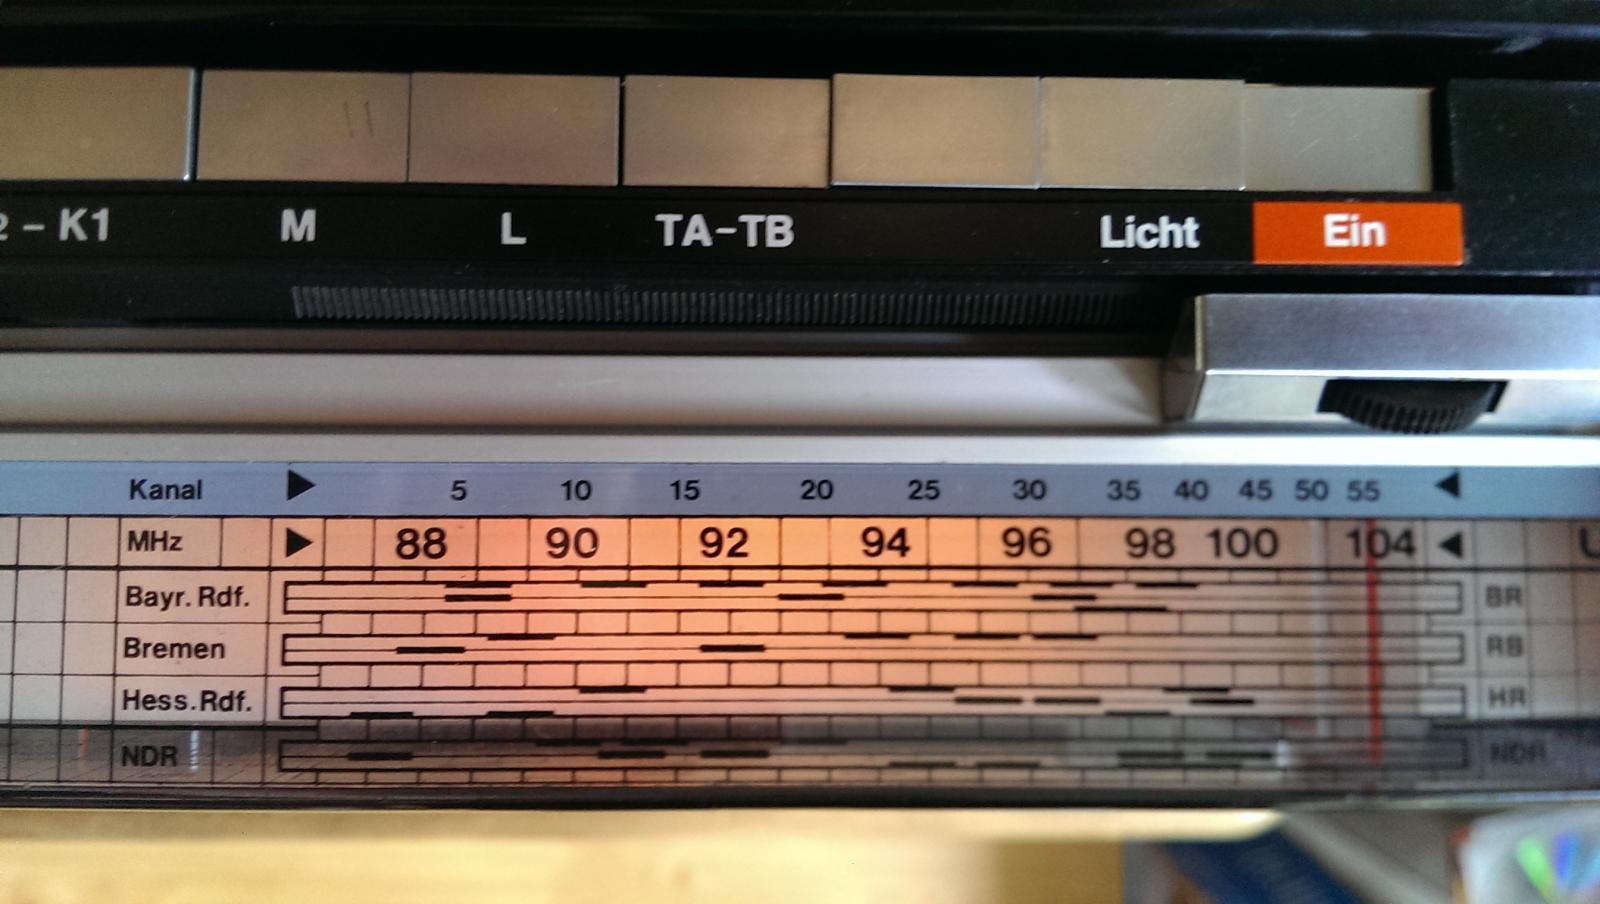 ITT Schaub-Lorenz Touring International 104 52151411 - FM schaalindeling